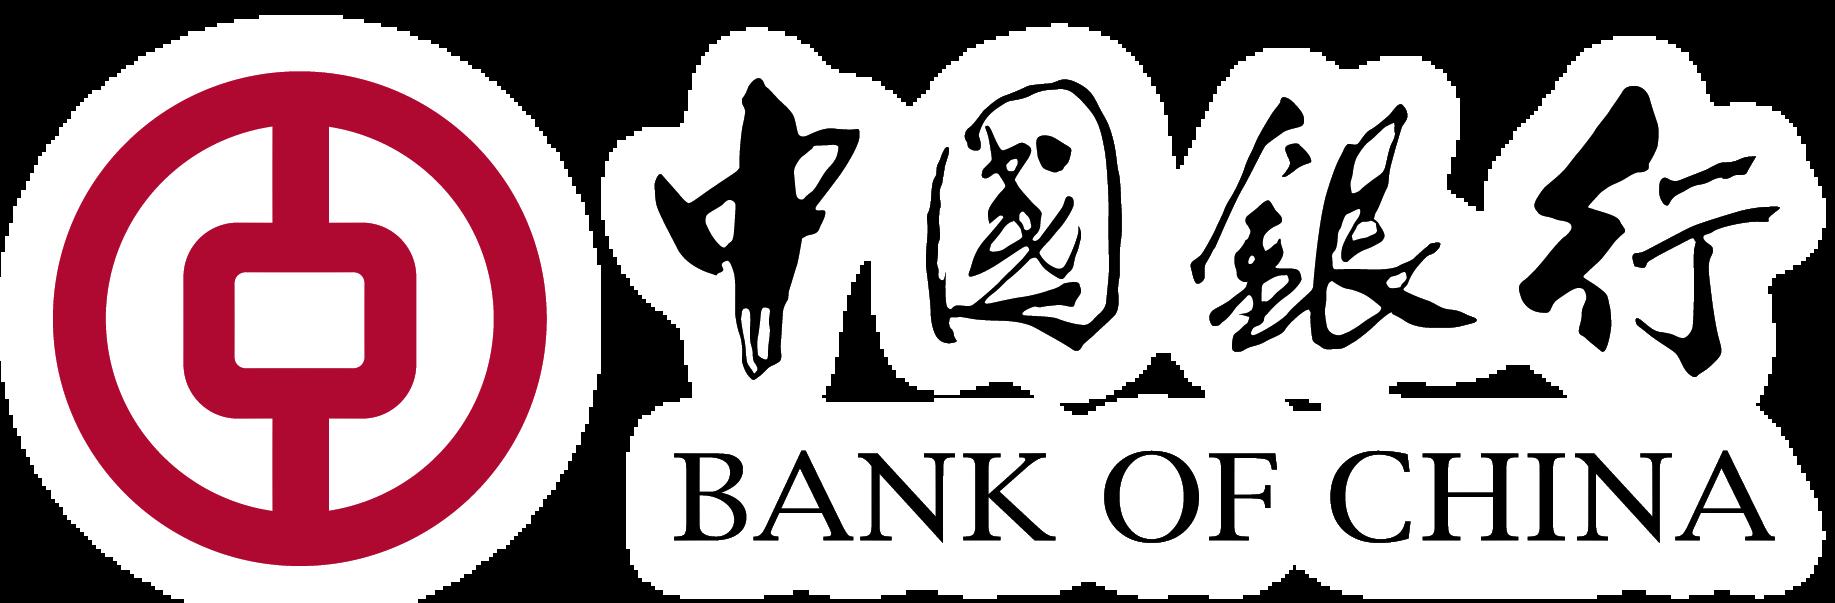 1 Bank of China Logo